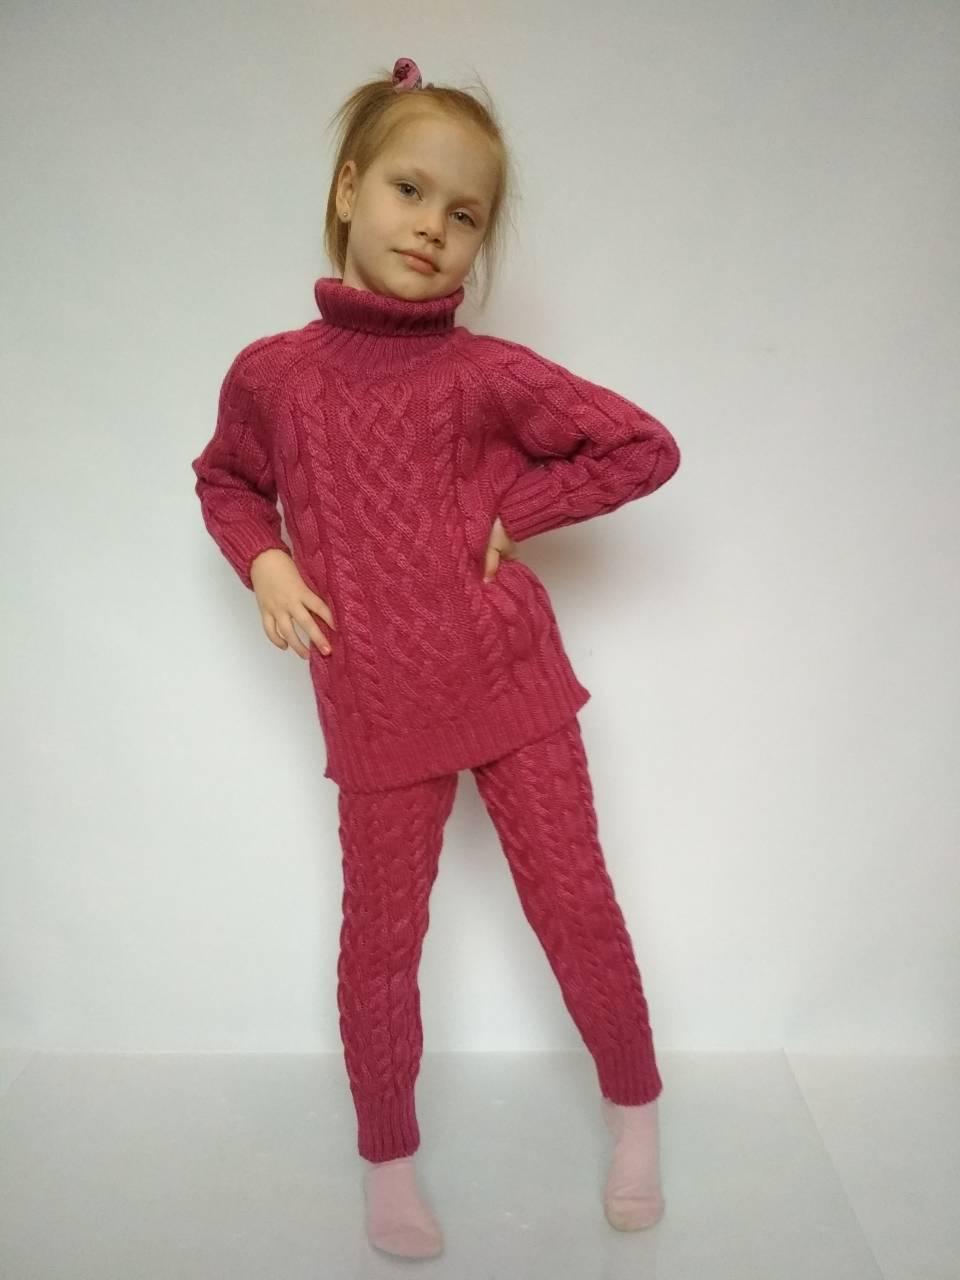 вязаный костюм для девочки красного цвета цена 450 грн купить в